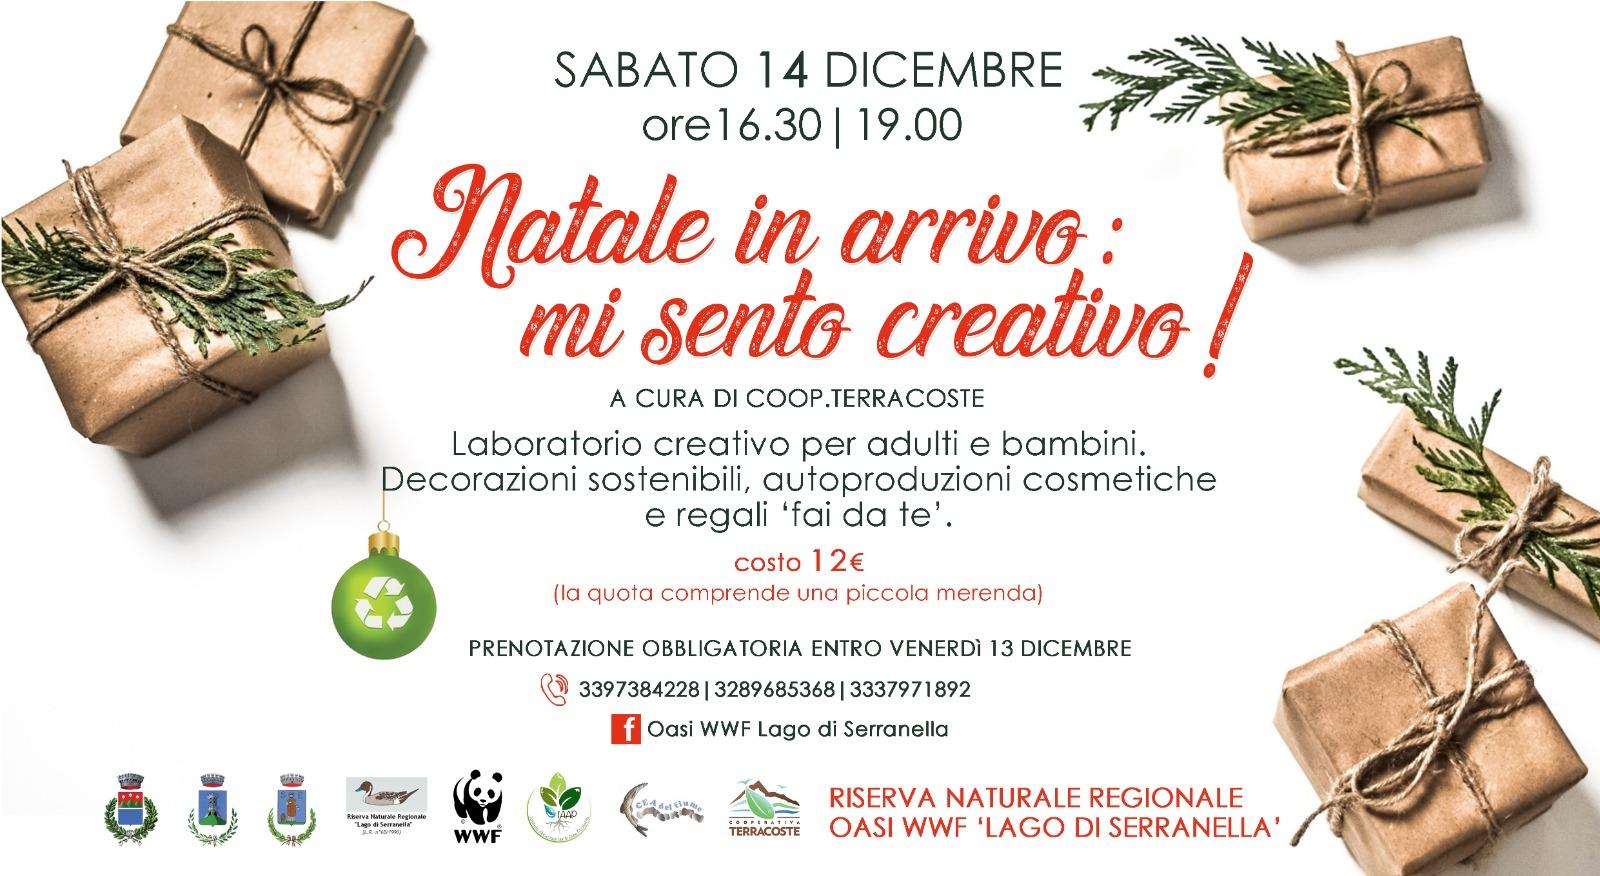 Locandina 14 dicembre